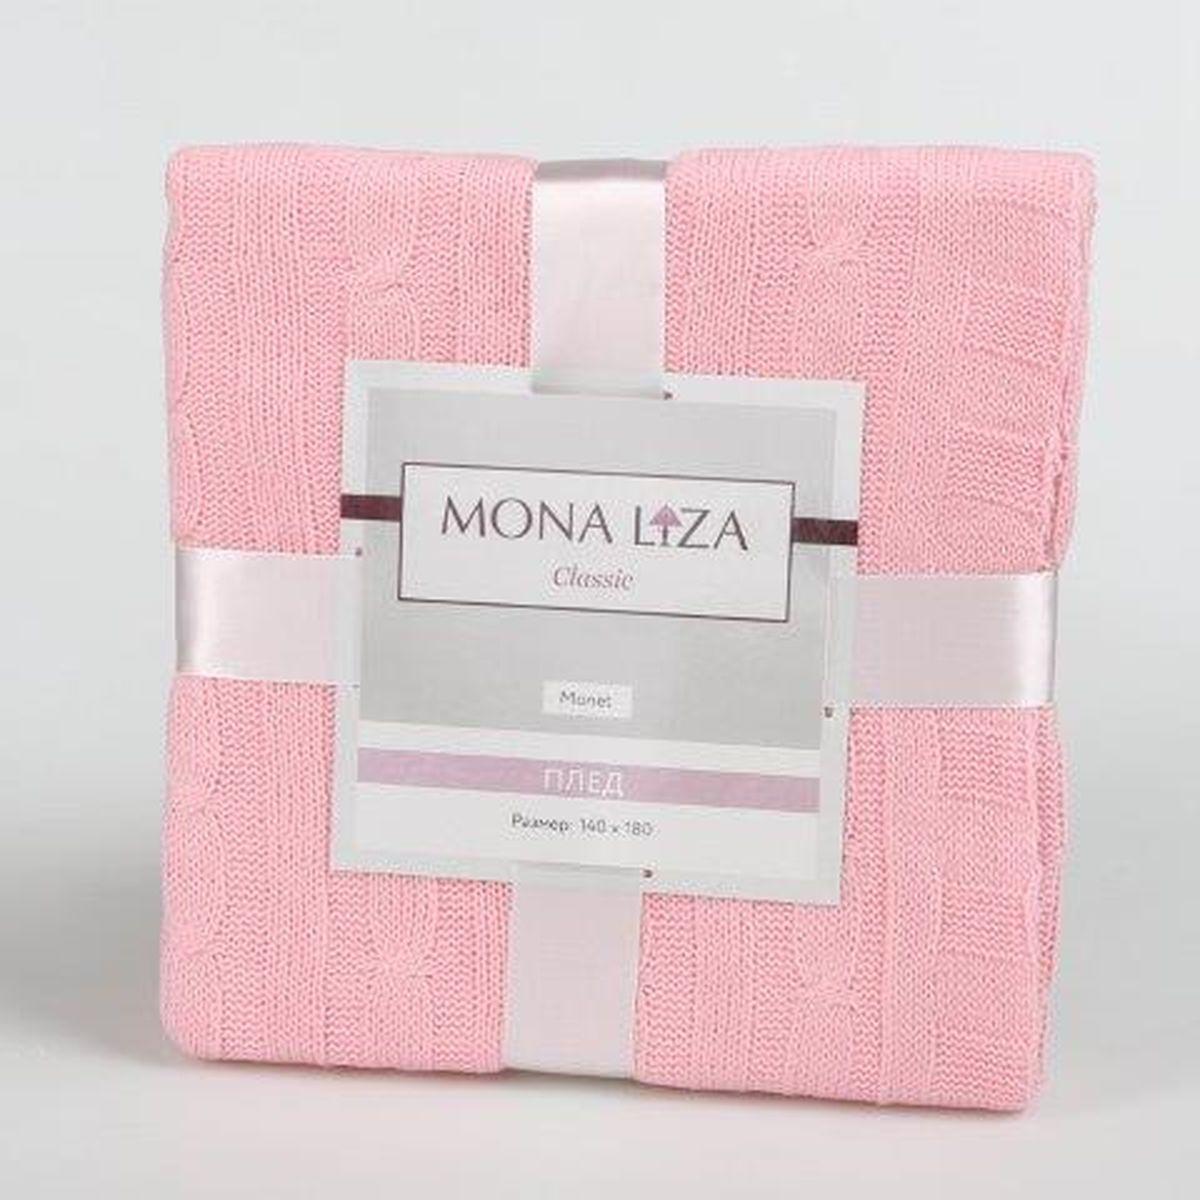 Плед Mona Liza Classic Monet, цвет: светло-розовый, 140 см х 180 см520403/2Оригинальный вязаный плед Mona Liza Classic Monet послужит теплым, мягким и практичным подарком близким людям. Плед изготовлен из высококачественного 100% акрила.Яркий и приятный на ощупь плед Mona Liza Classic Monet станет отличным дополнением в вашем интерьере.